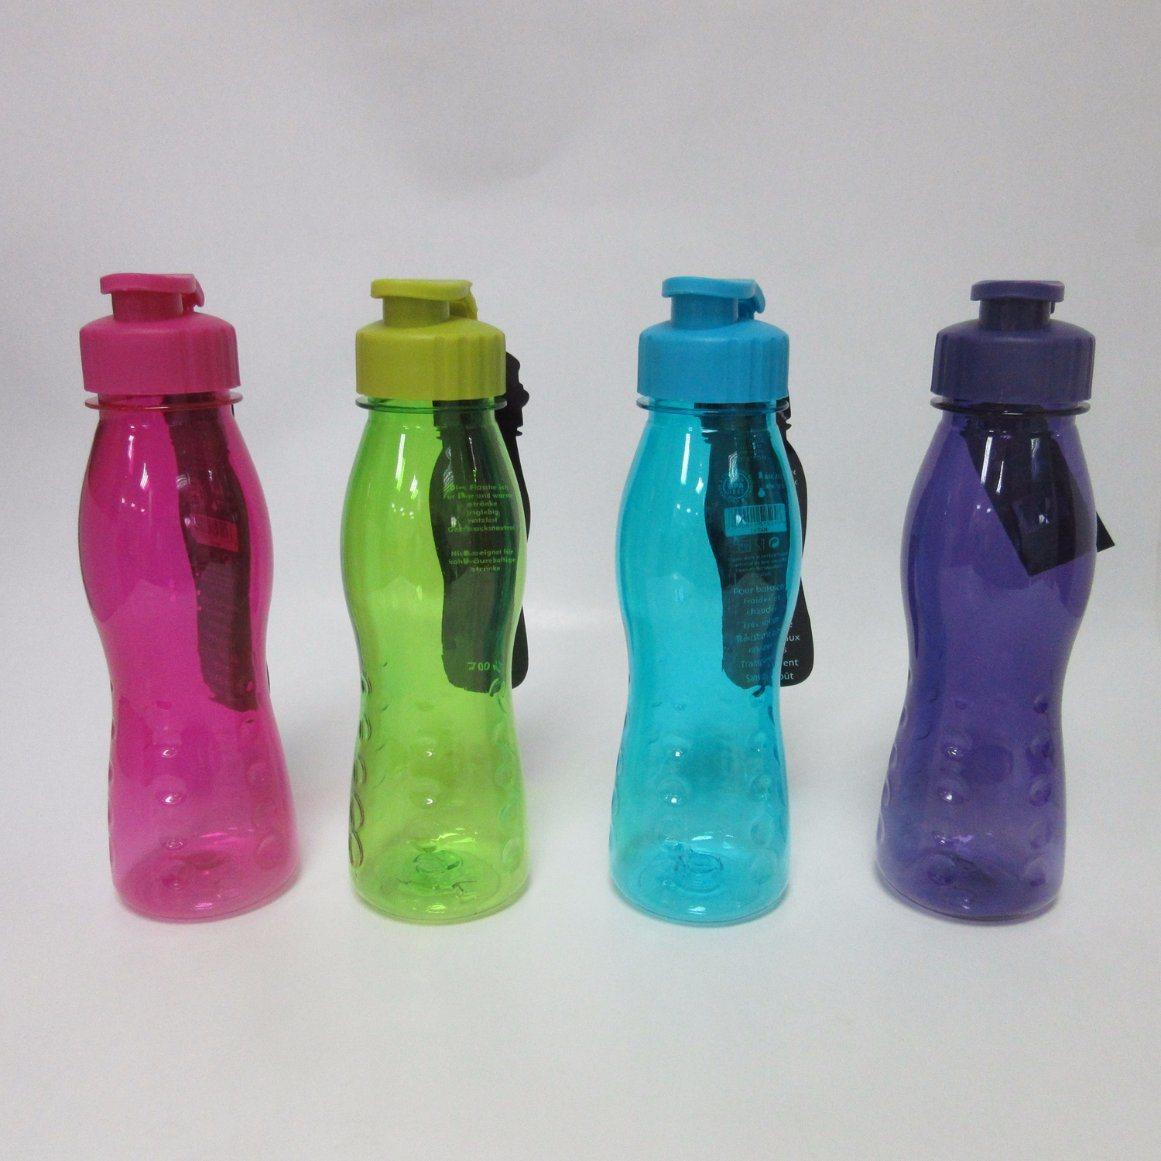 700ml Tritan Sport Water Bottle Drinking Bottle